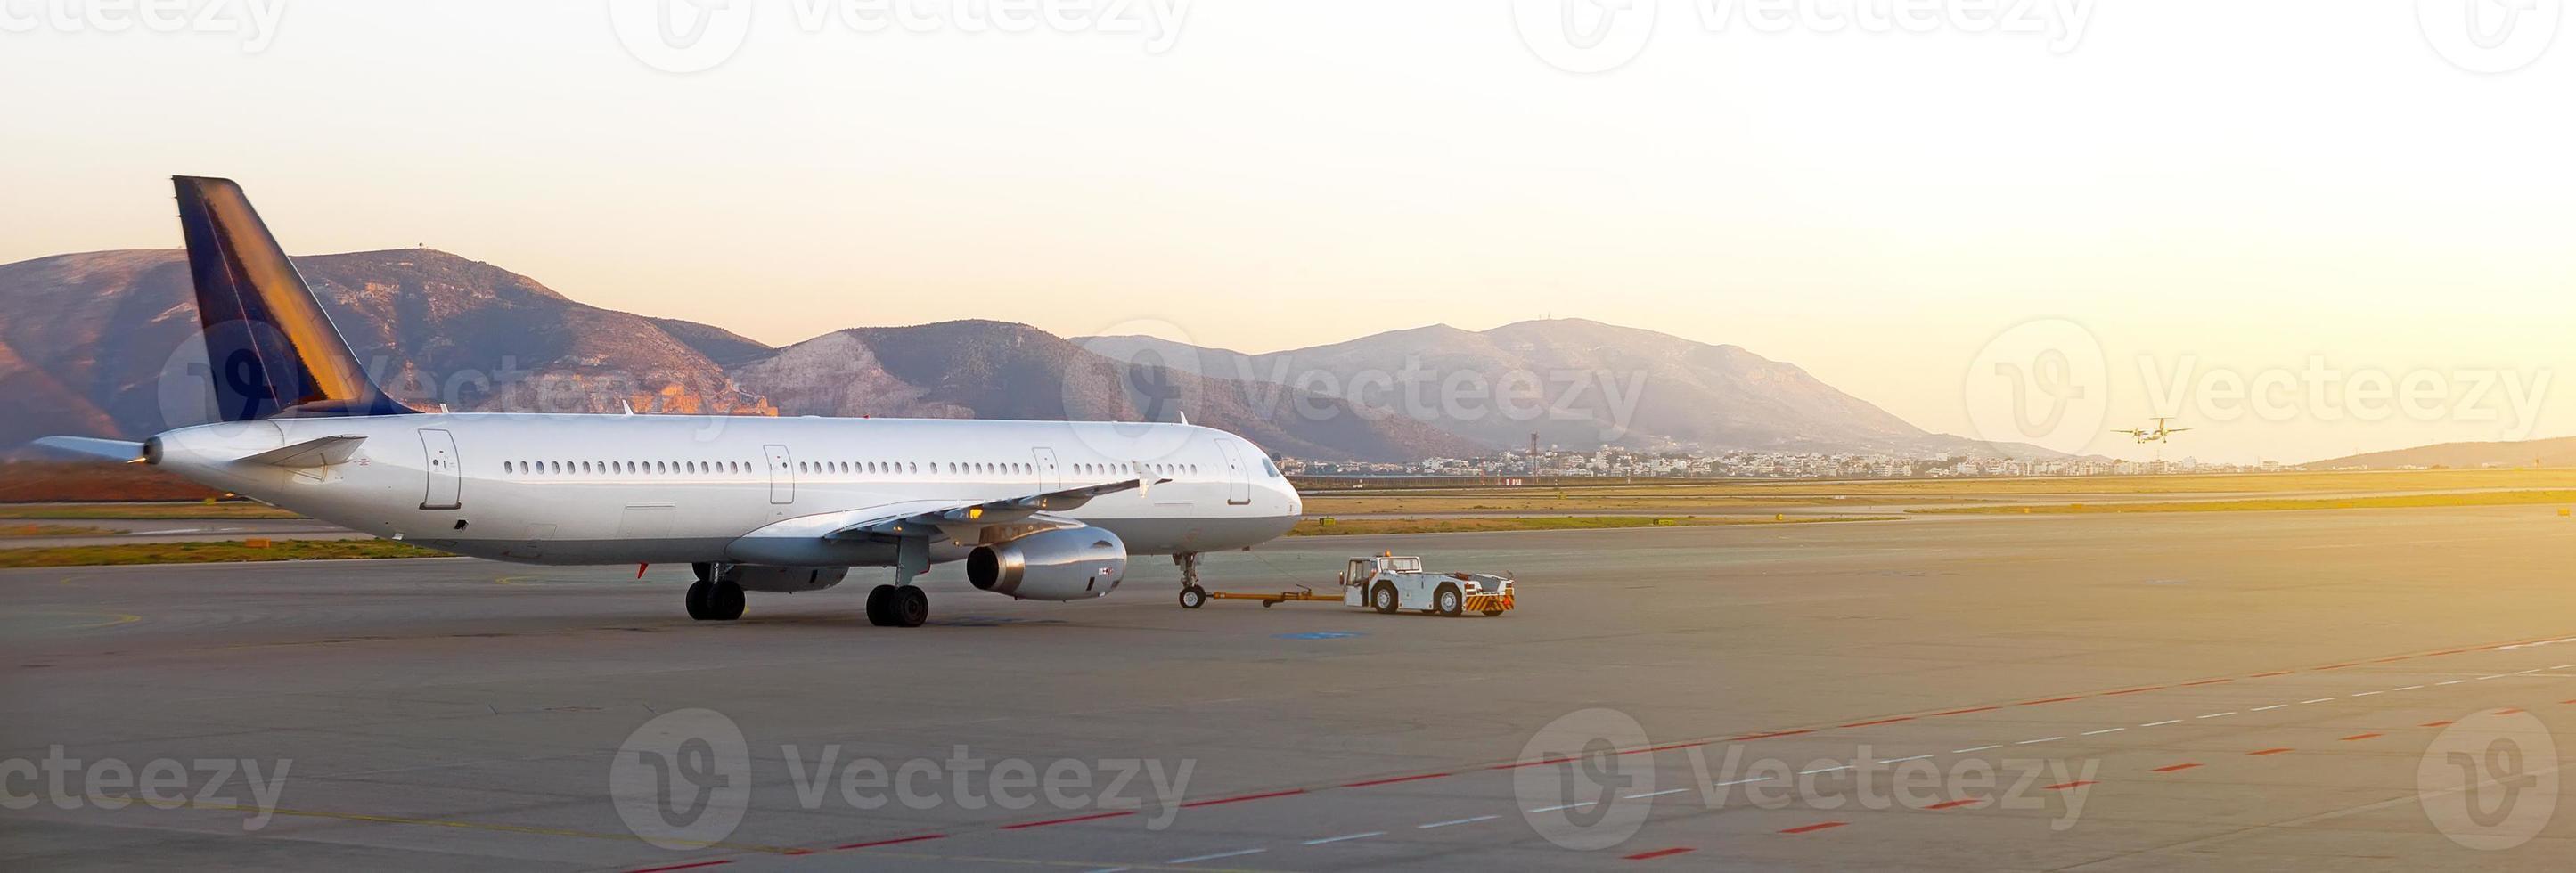 tracteur pushback remorqueur avec des avions sur la piste de l'aéroport. photo